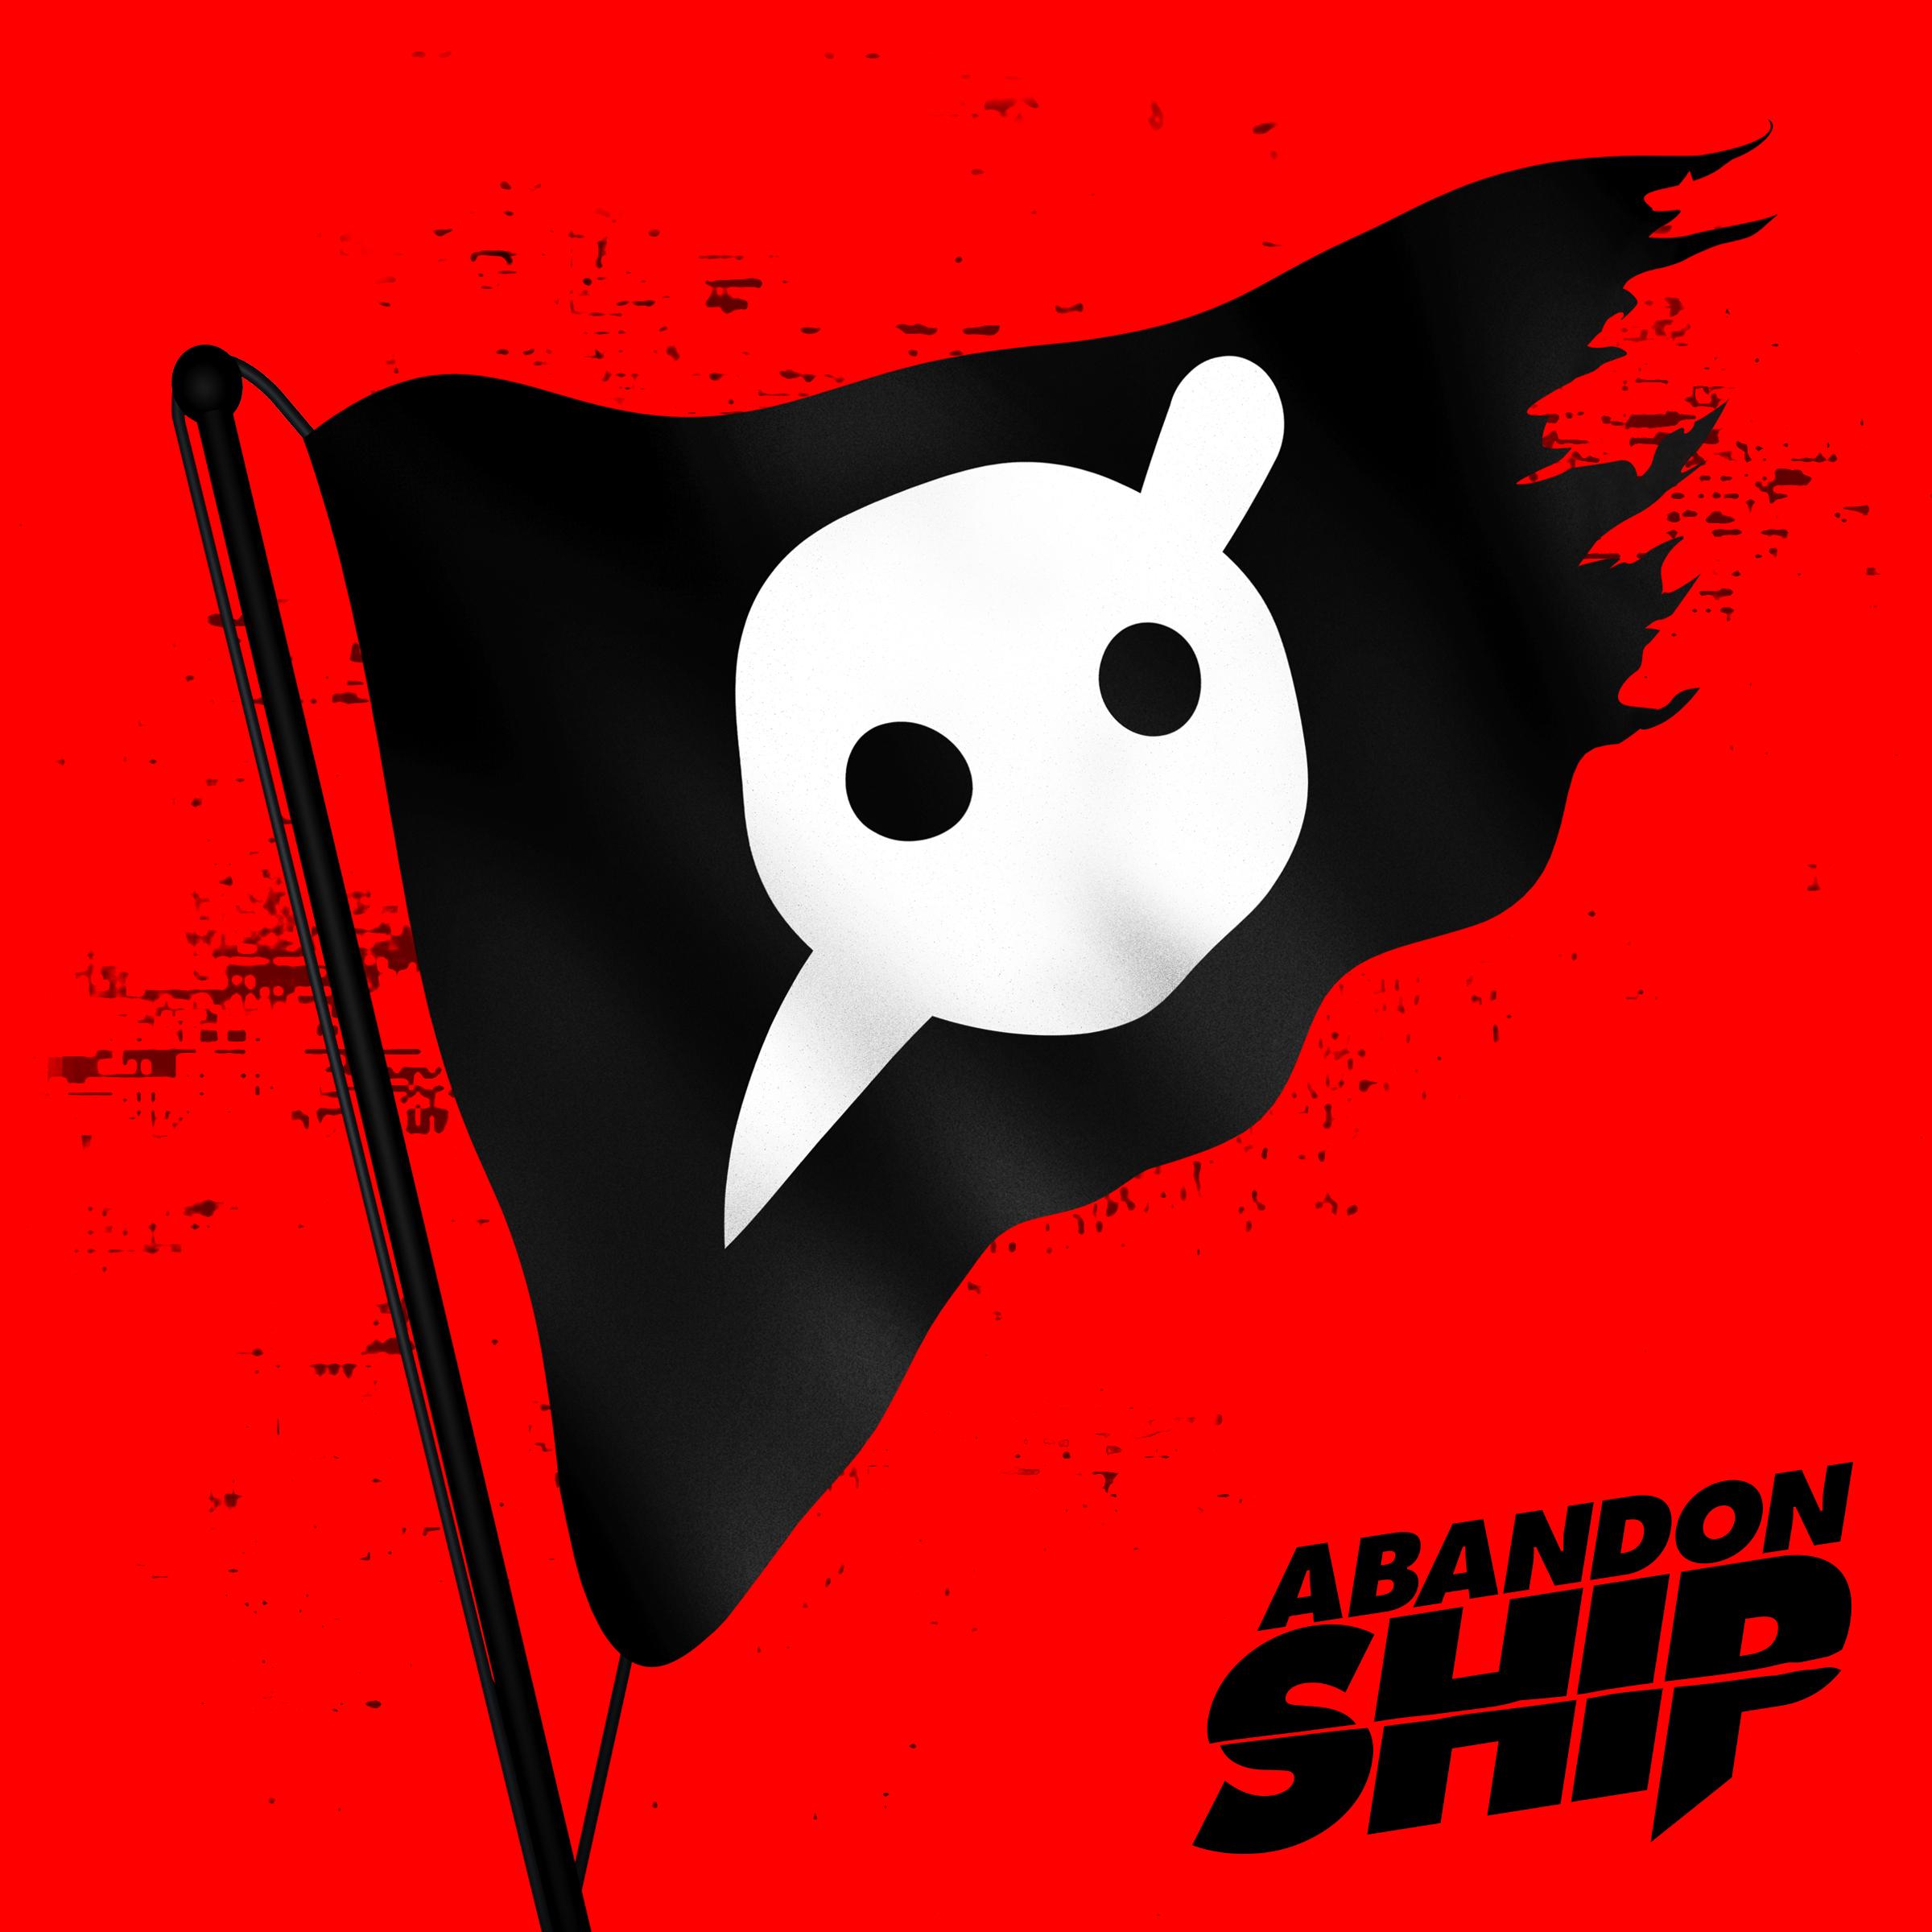 """Knife Party veröffentlichen Debütalbum """"Abandon Ship"""""""